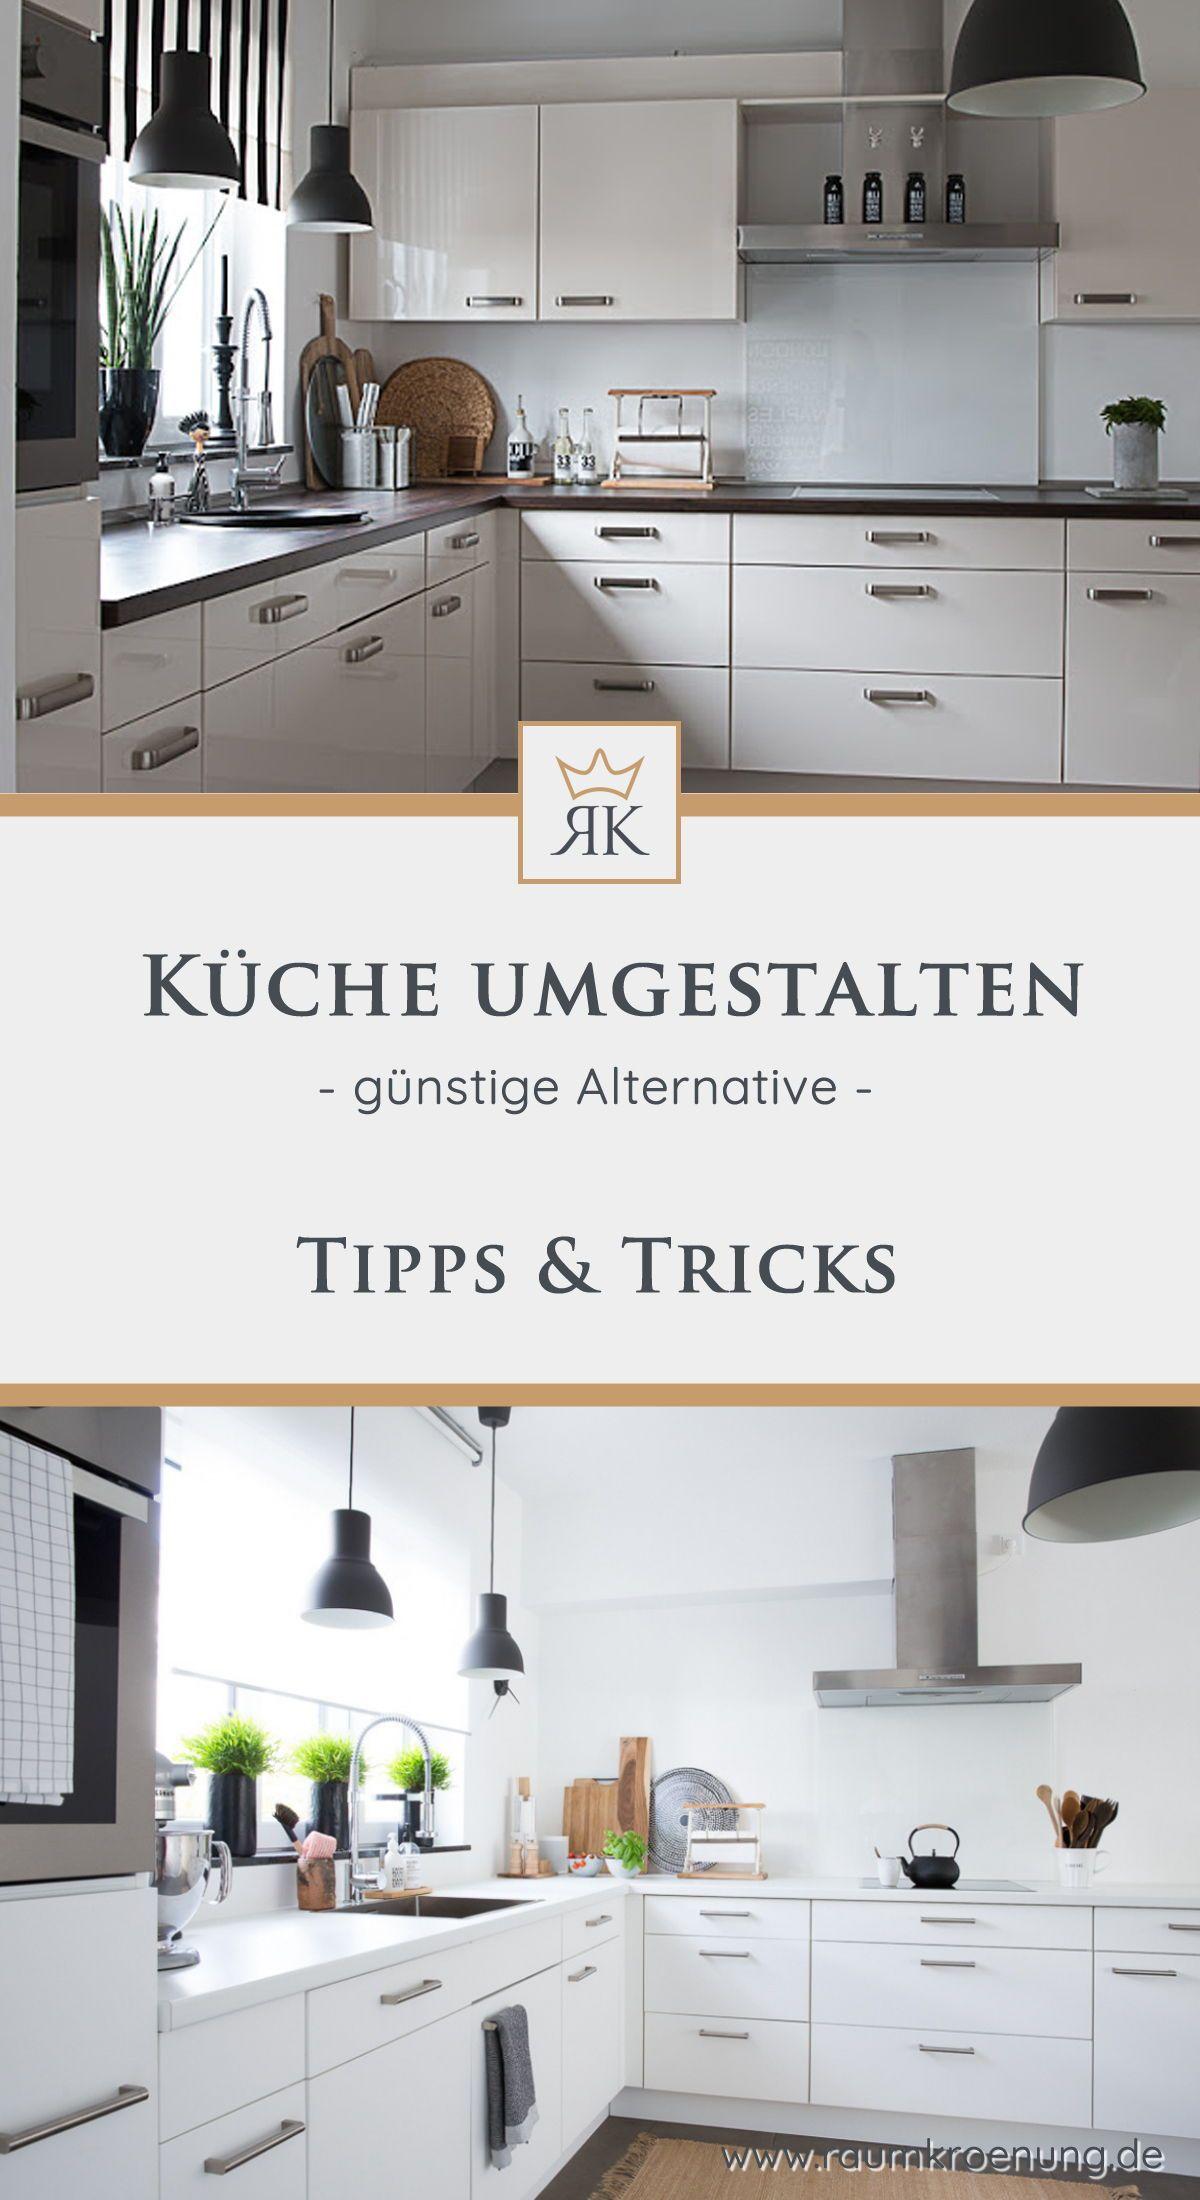 Küche günstig umgestalten: Küchenfronten erneuern ohne teuren Austausch ✓ |  Raumkrönung - Wohnblog, Wohnberatung & Einrichtungstipps | Küchen fronten,  Küche neu gestalten, Küche folieren